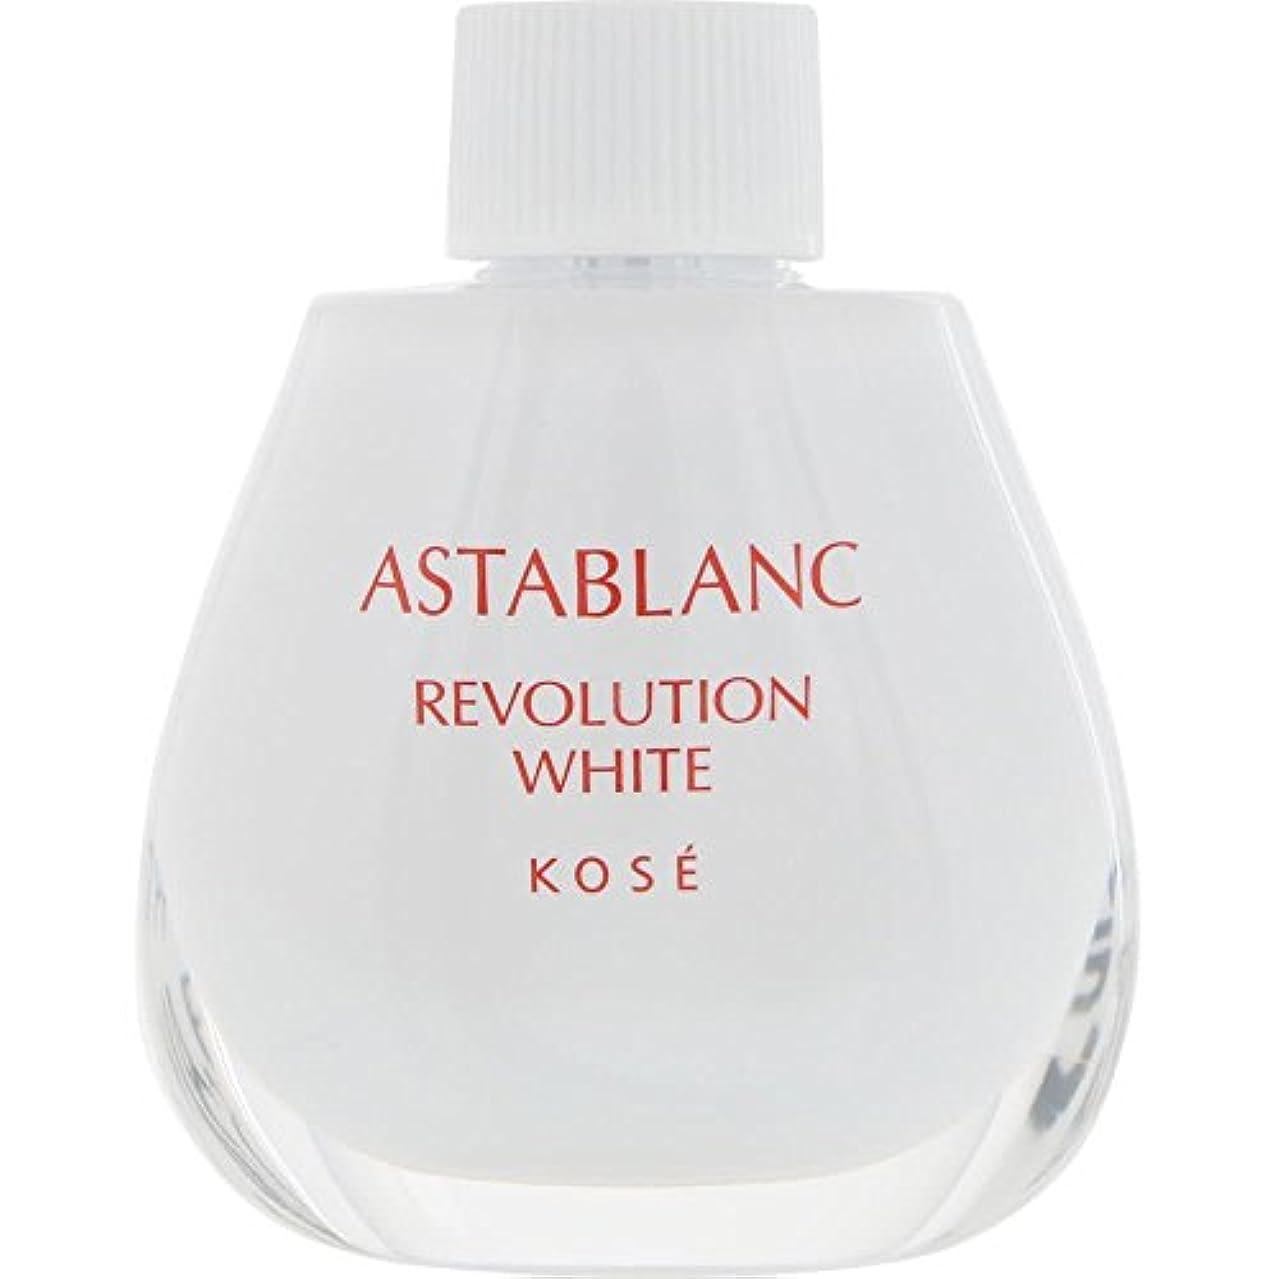 アルファベット順手を差し伸べるアナロジーアスタブラン レボリューション ホワイト (付けかえ用) 30mL